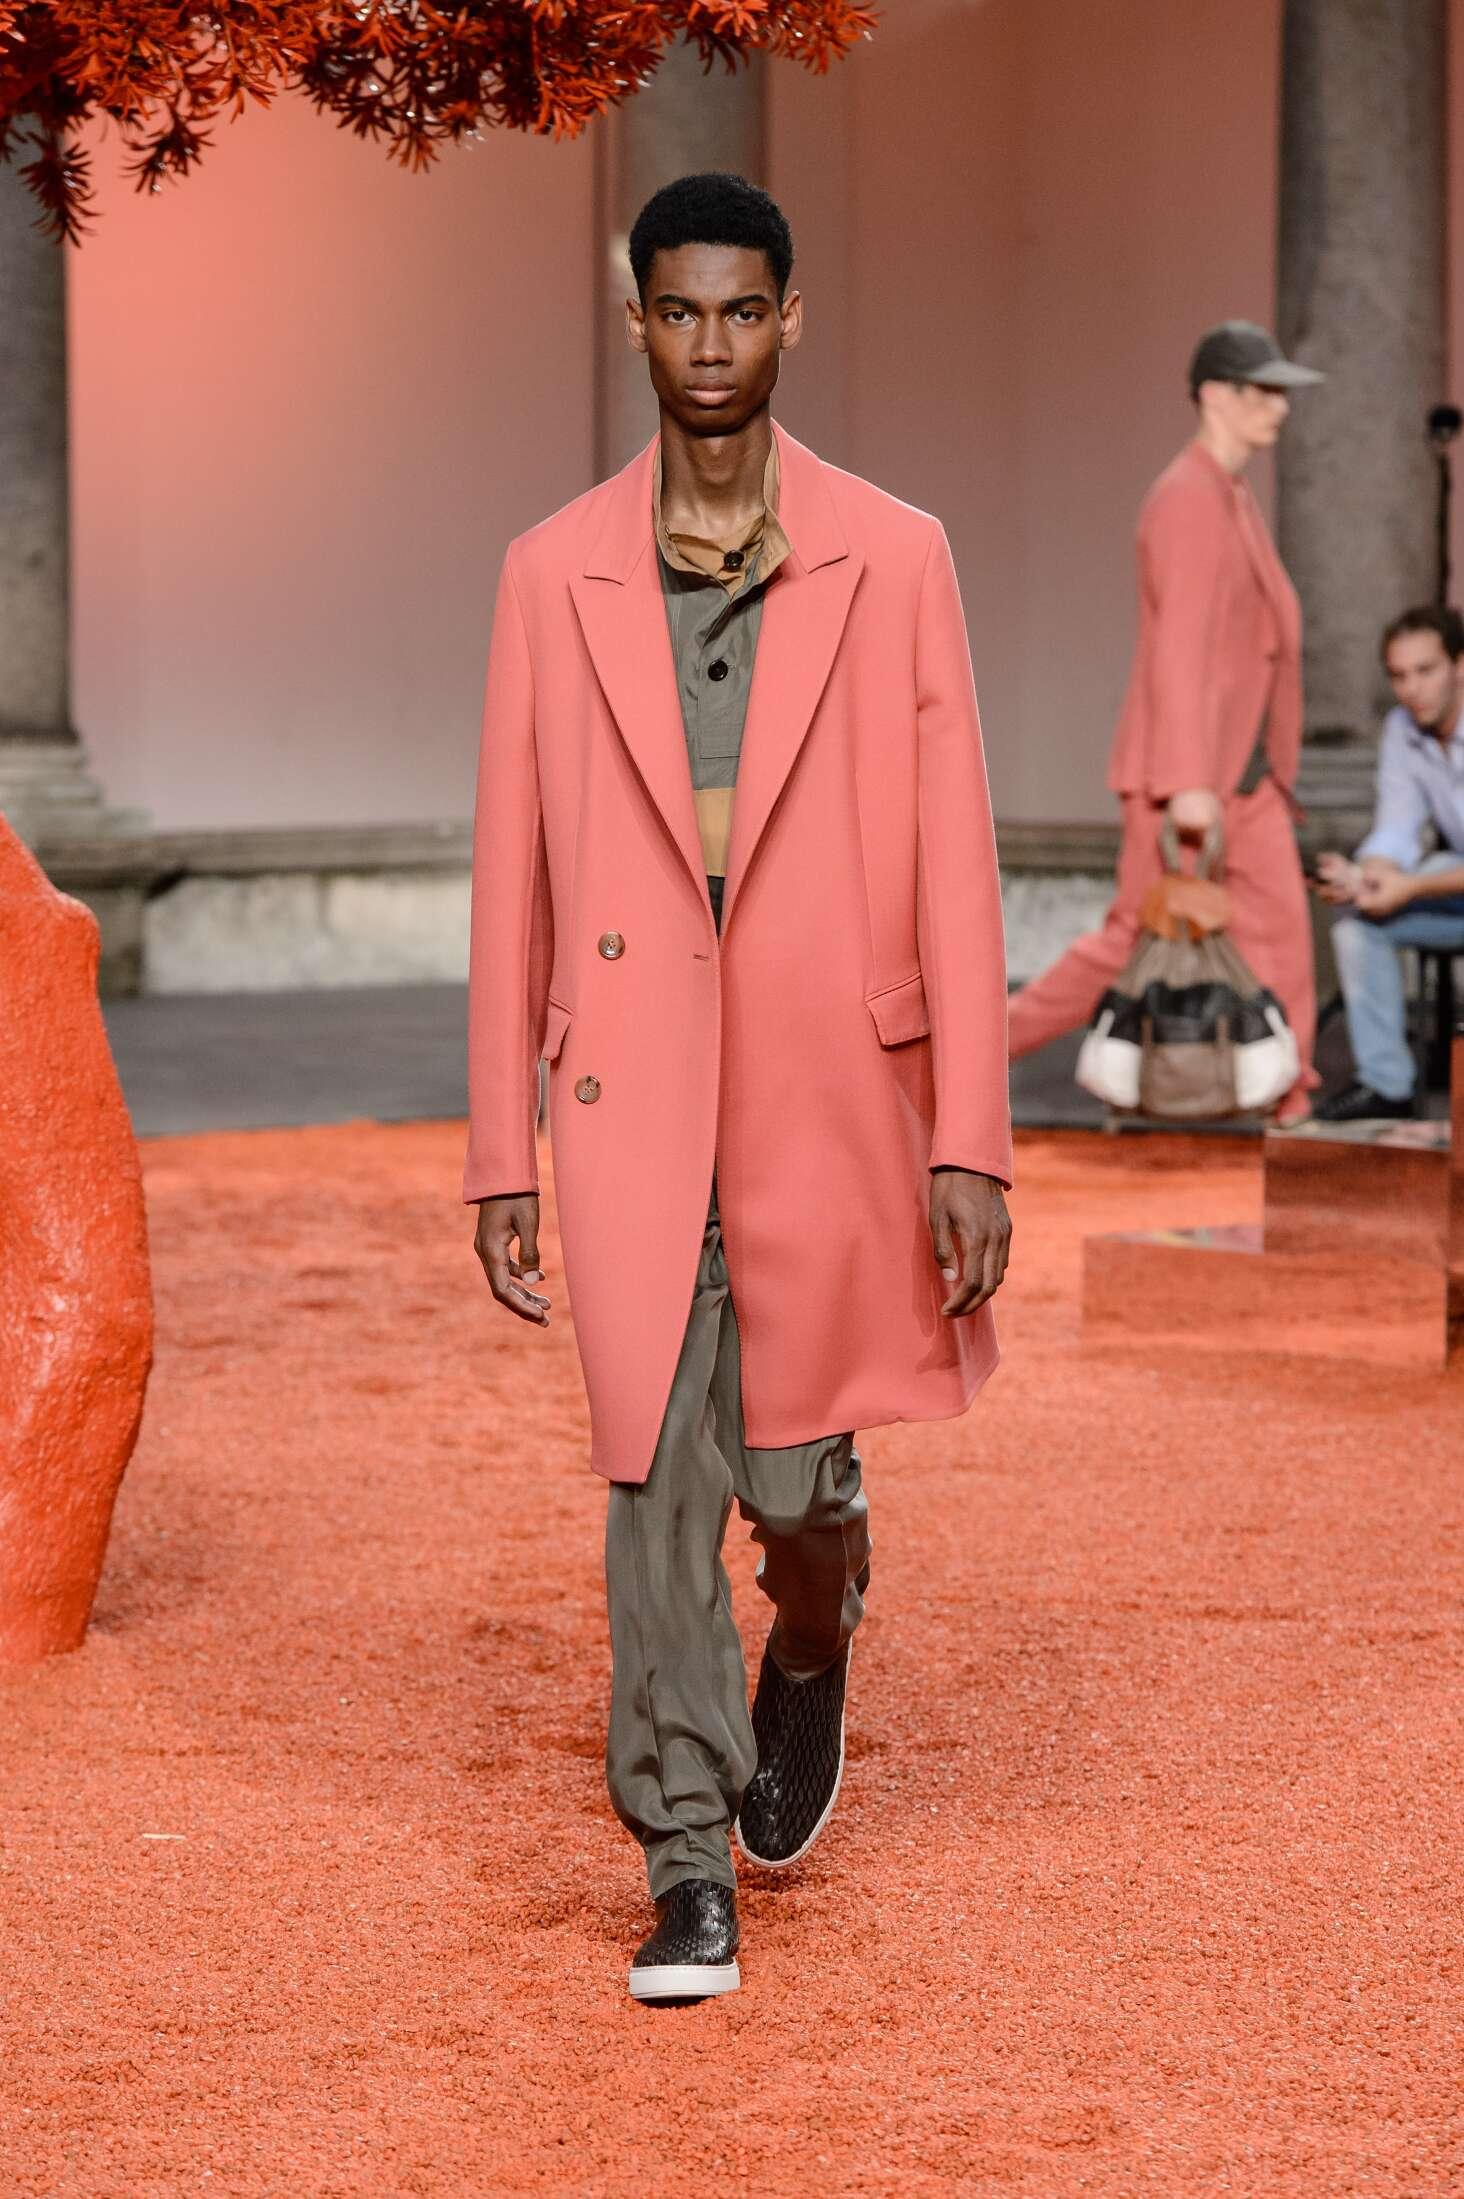 Ermenegildo Zegna Couture Summer 2018 Catwalk